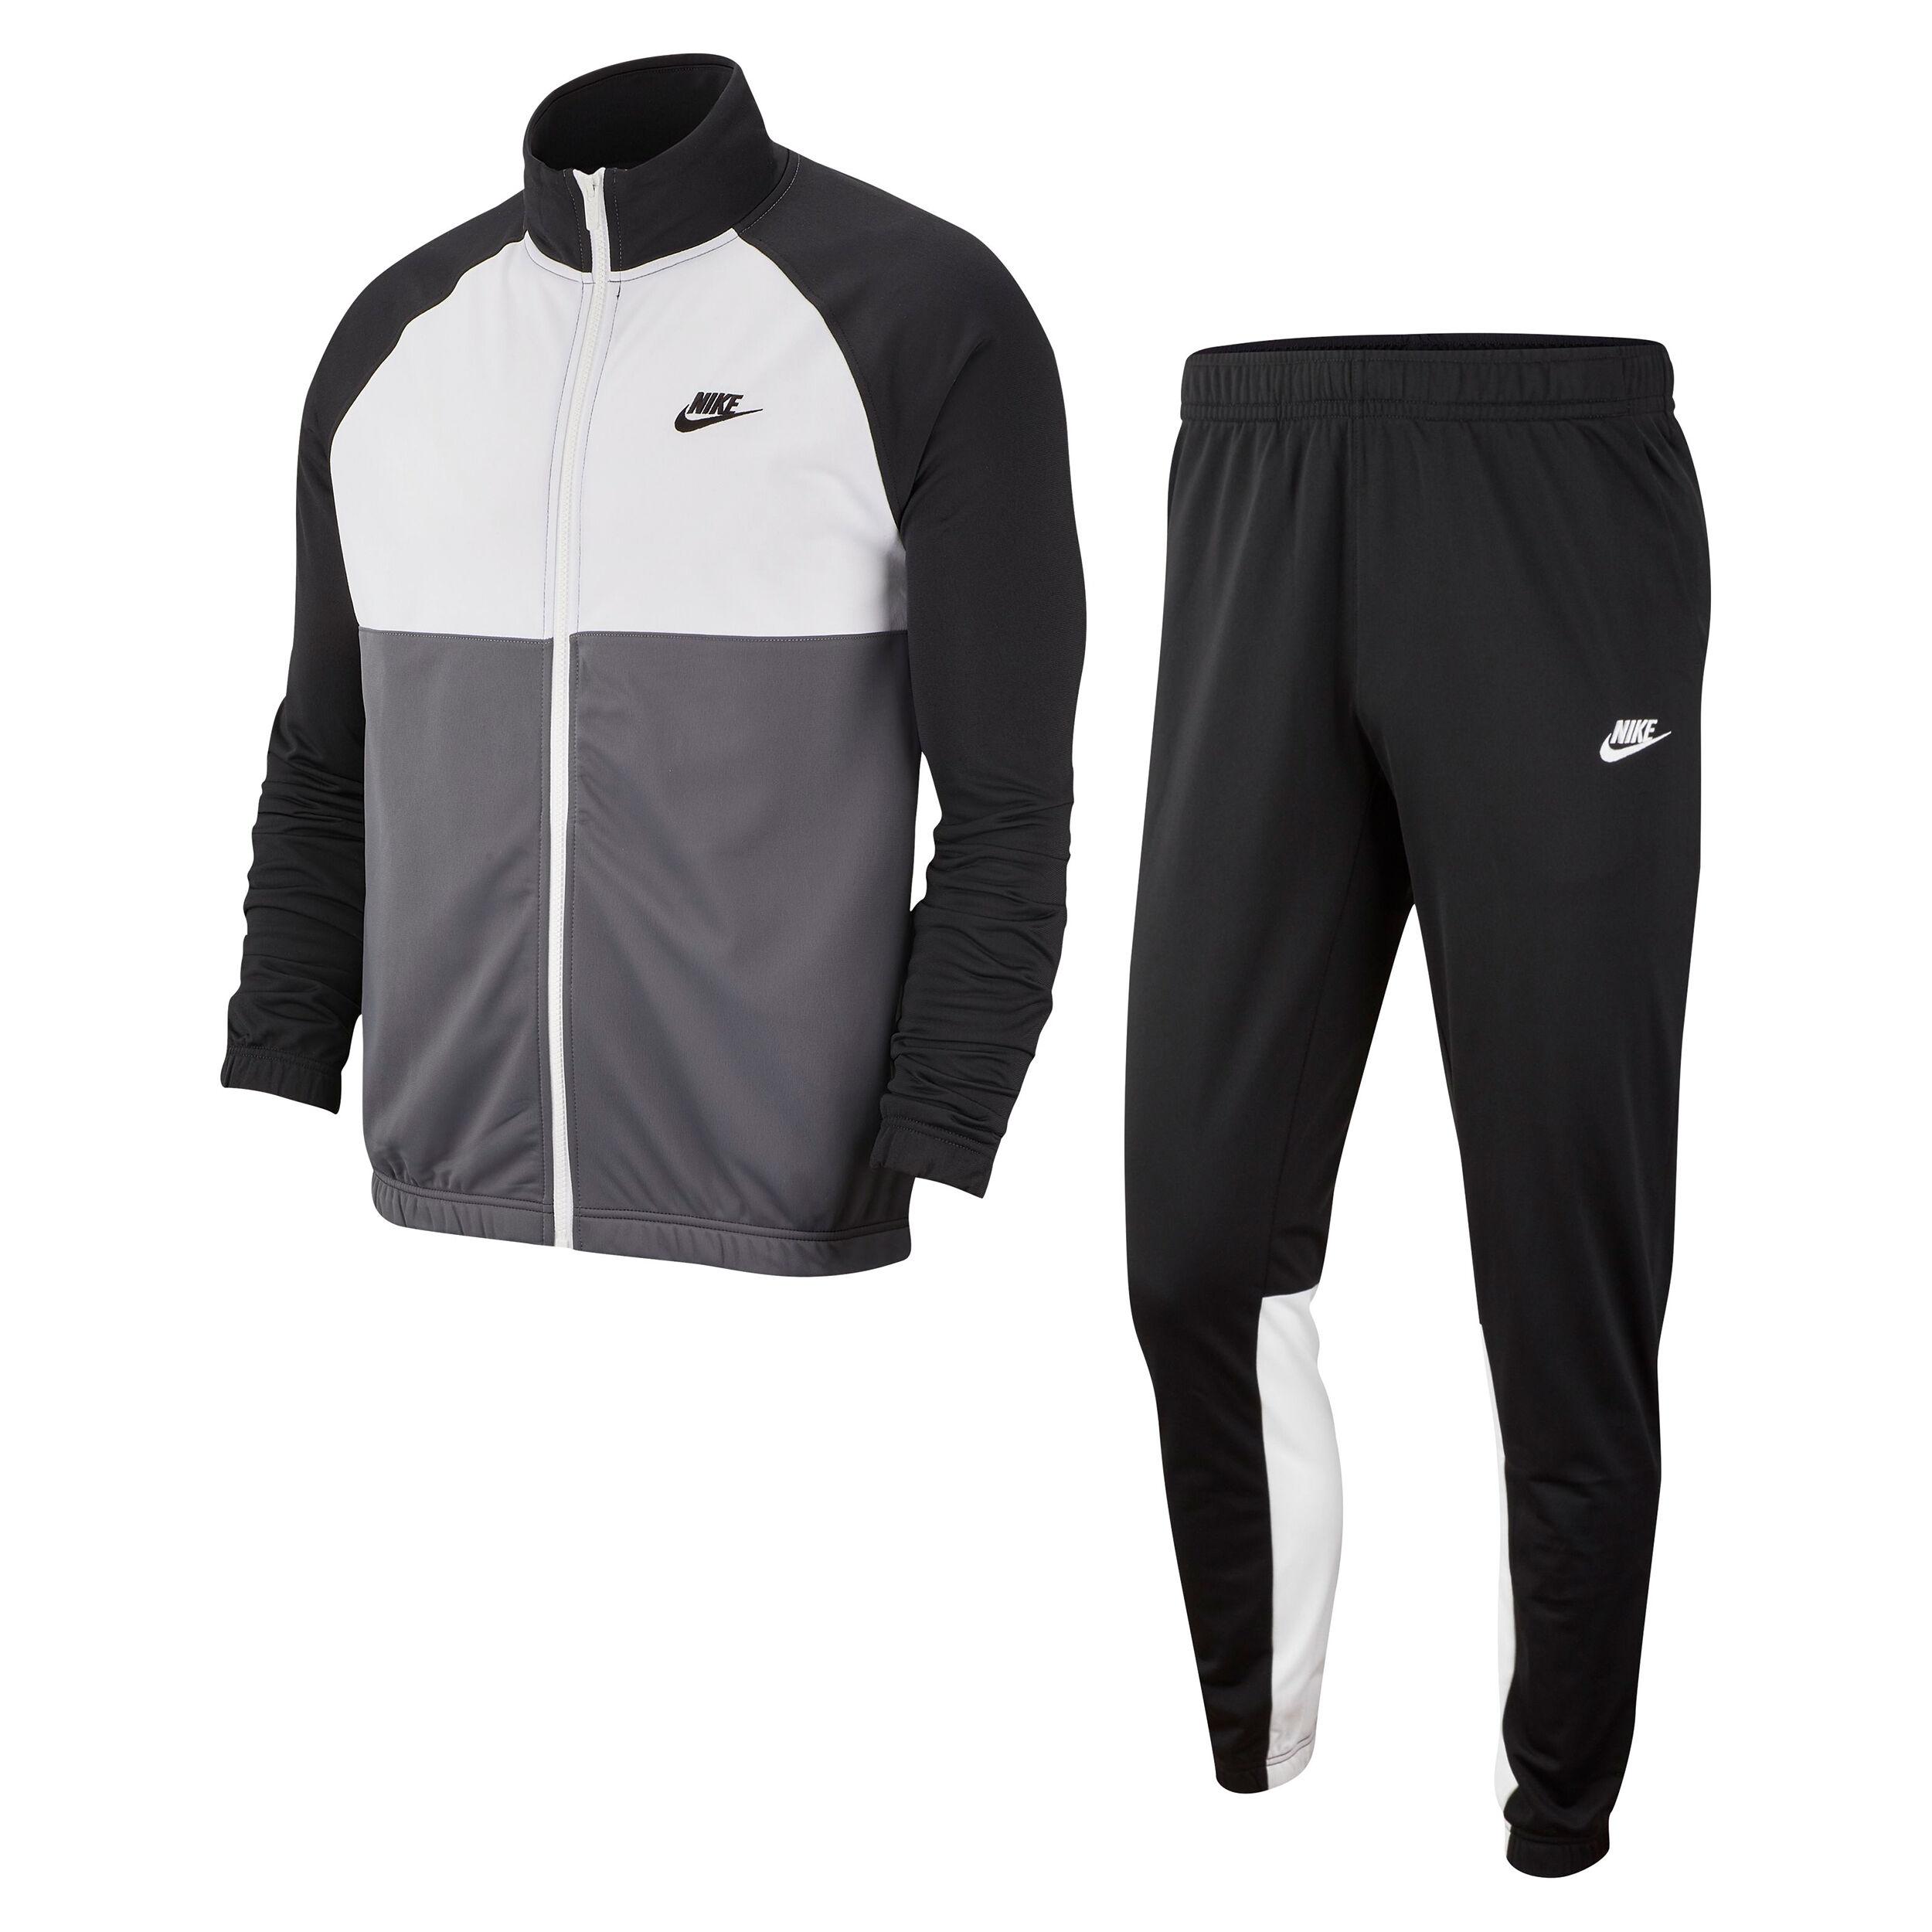 Nike Sportswear Träningsoverall Herrar Svart, Mörkgrå köp